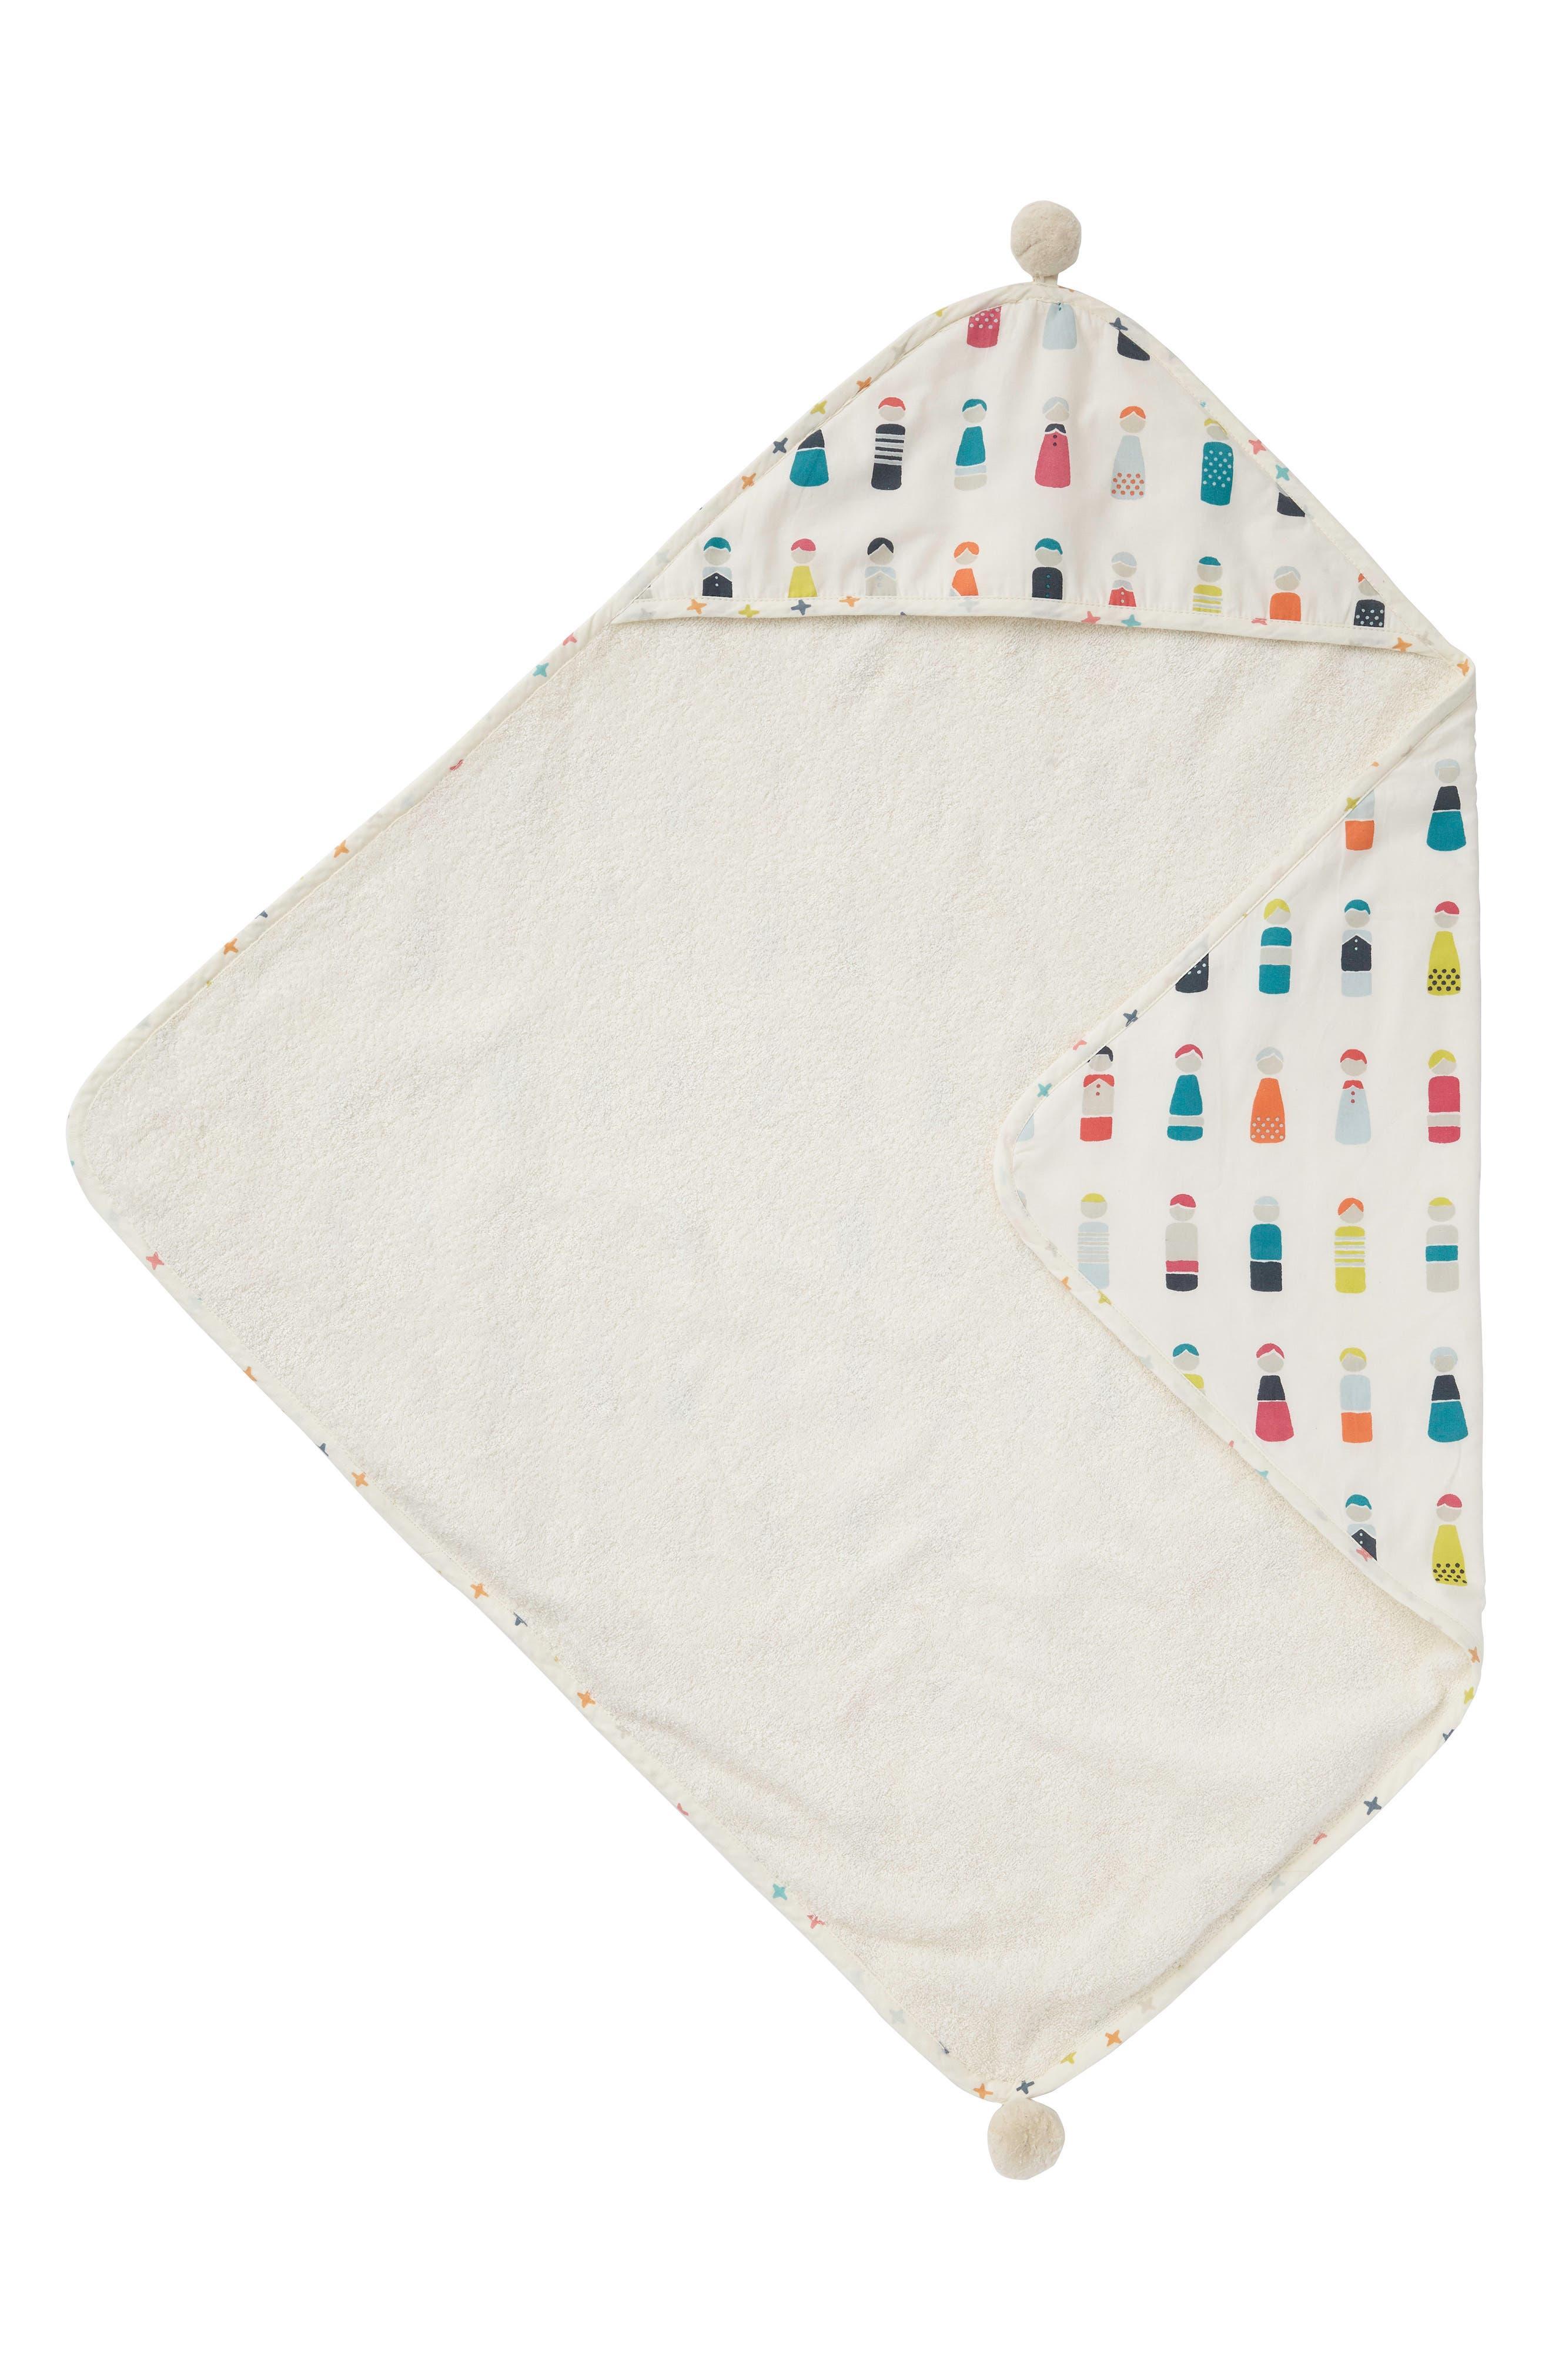 Main Image - Petit Pehr Little Peeps Print Hooded Towel (Baby)